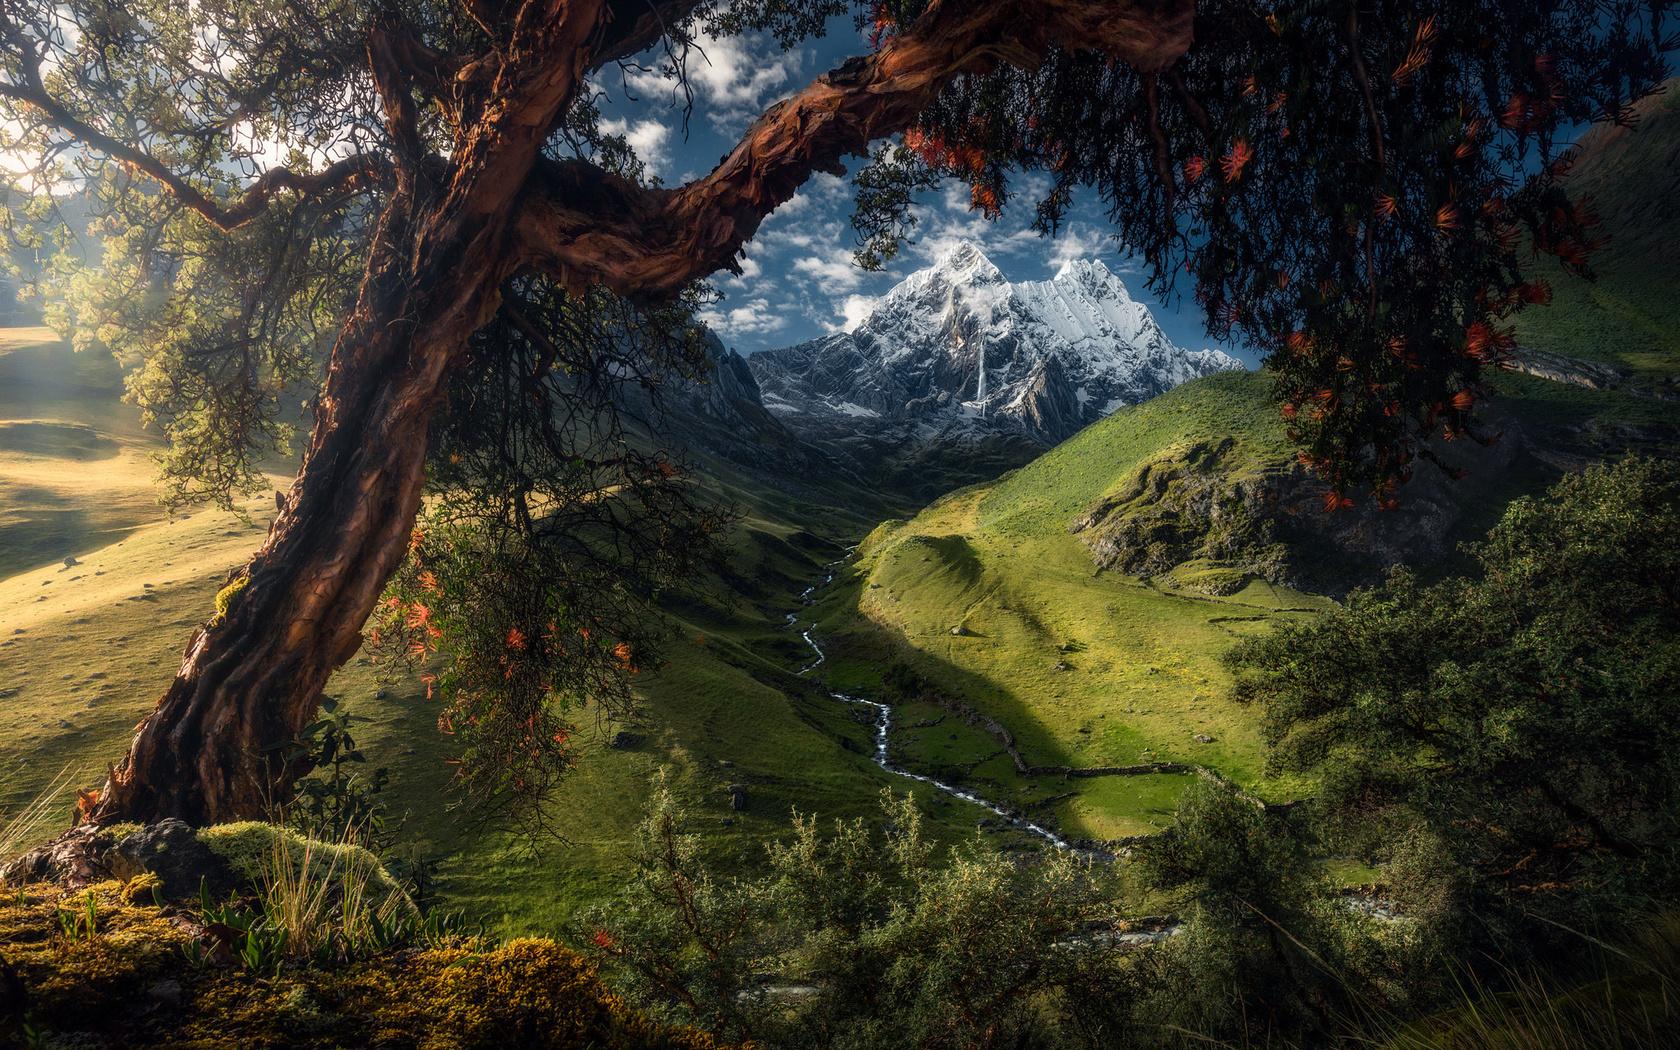 лето, деревья, пейзаж, горы, природа, долина, холмы, луга, перу, ледники, снега, max rive